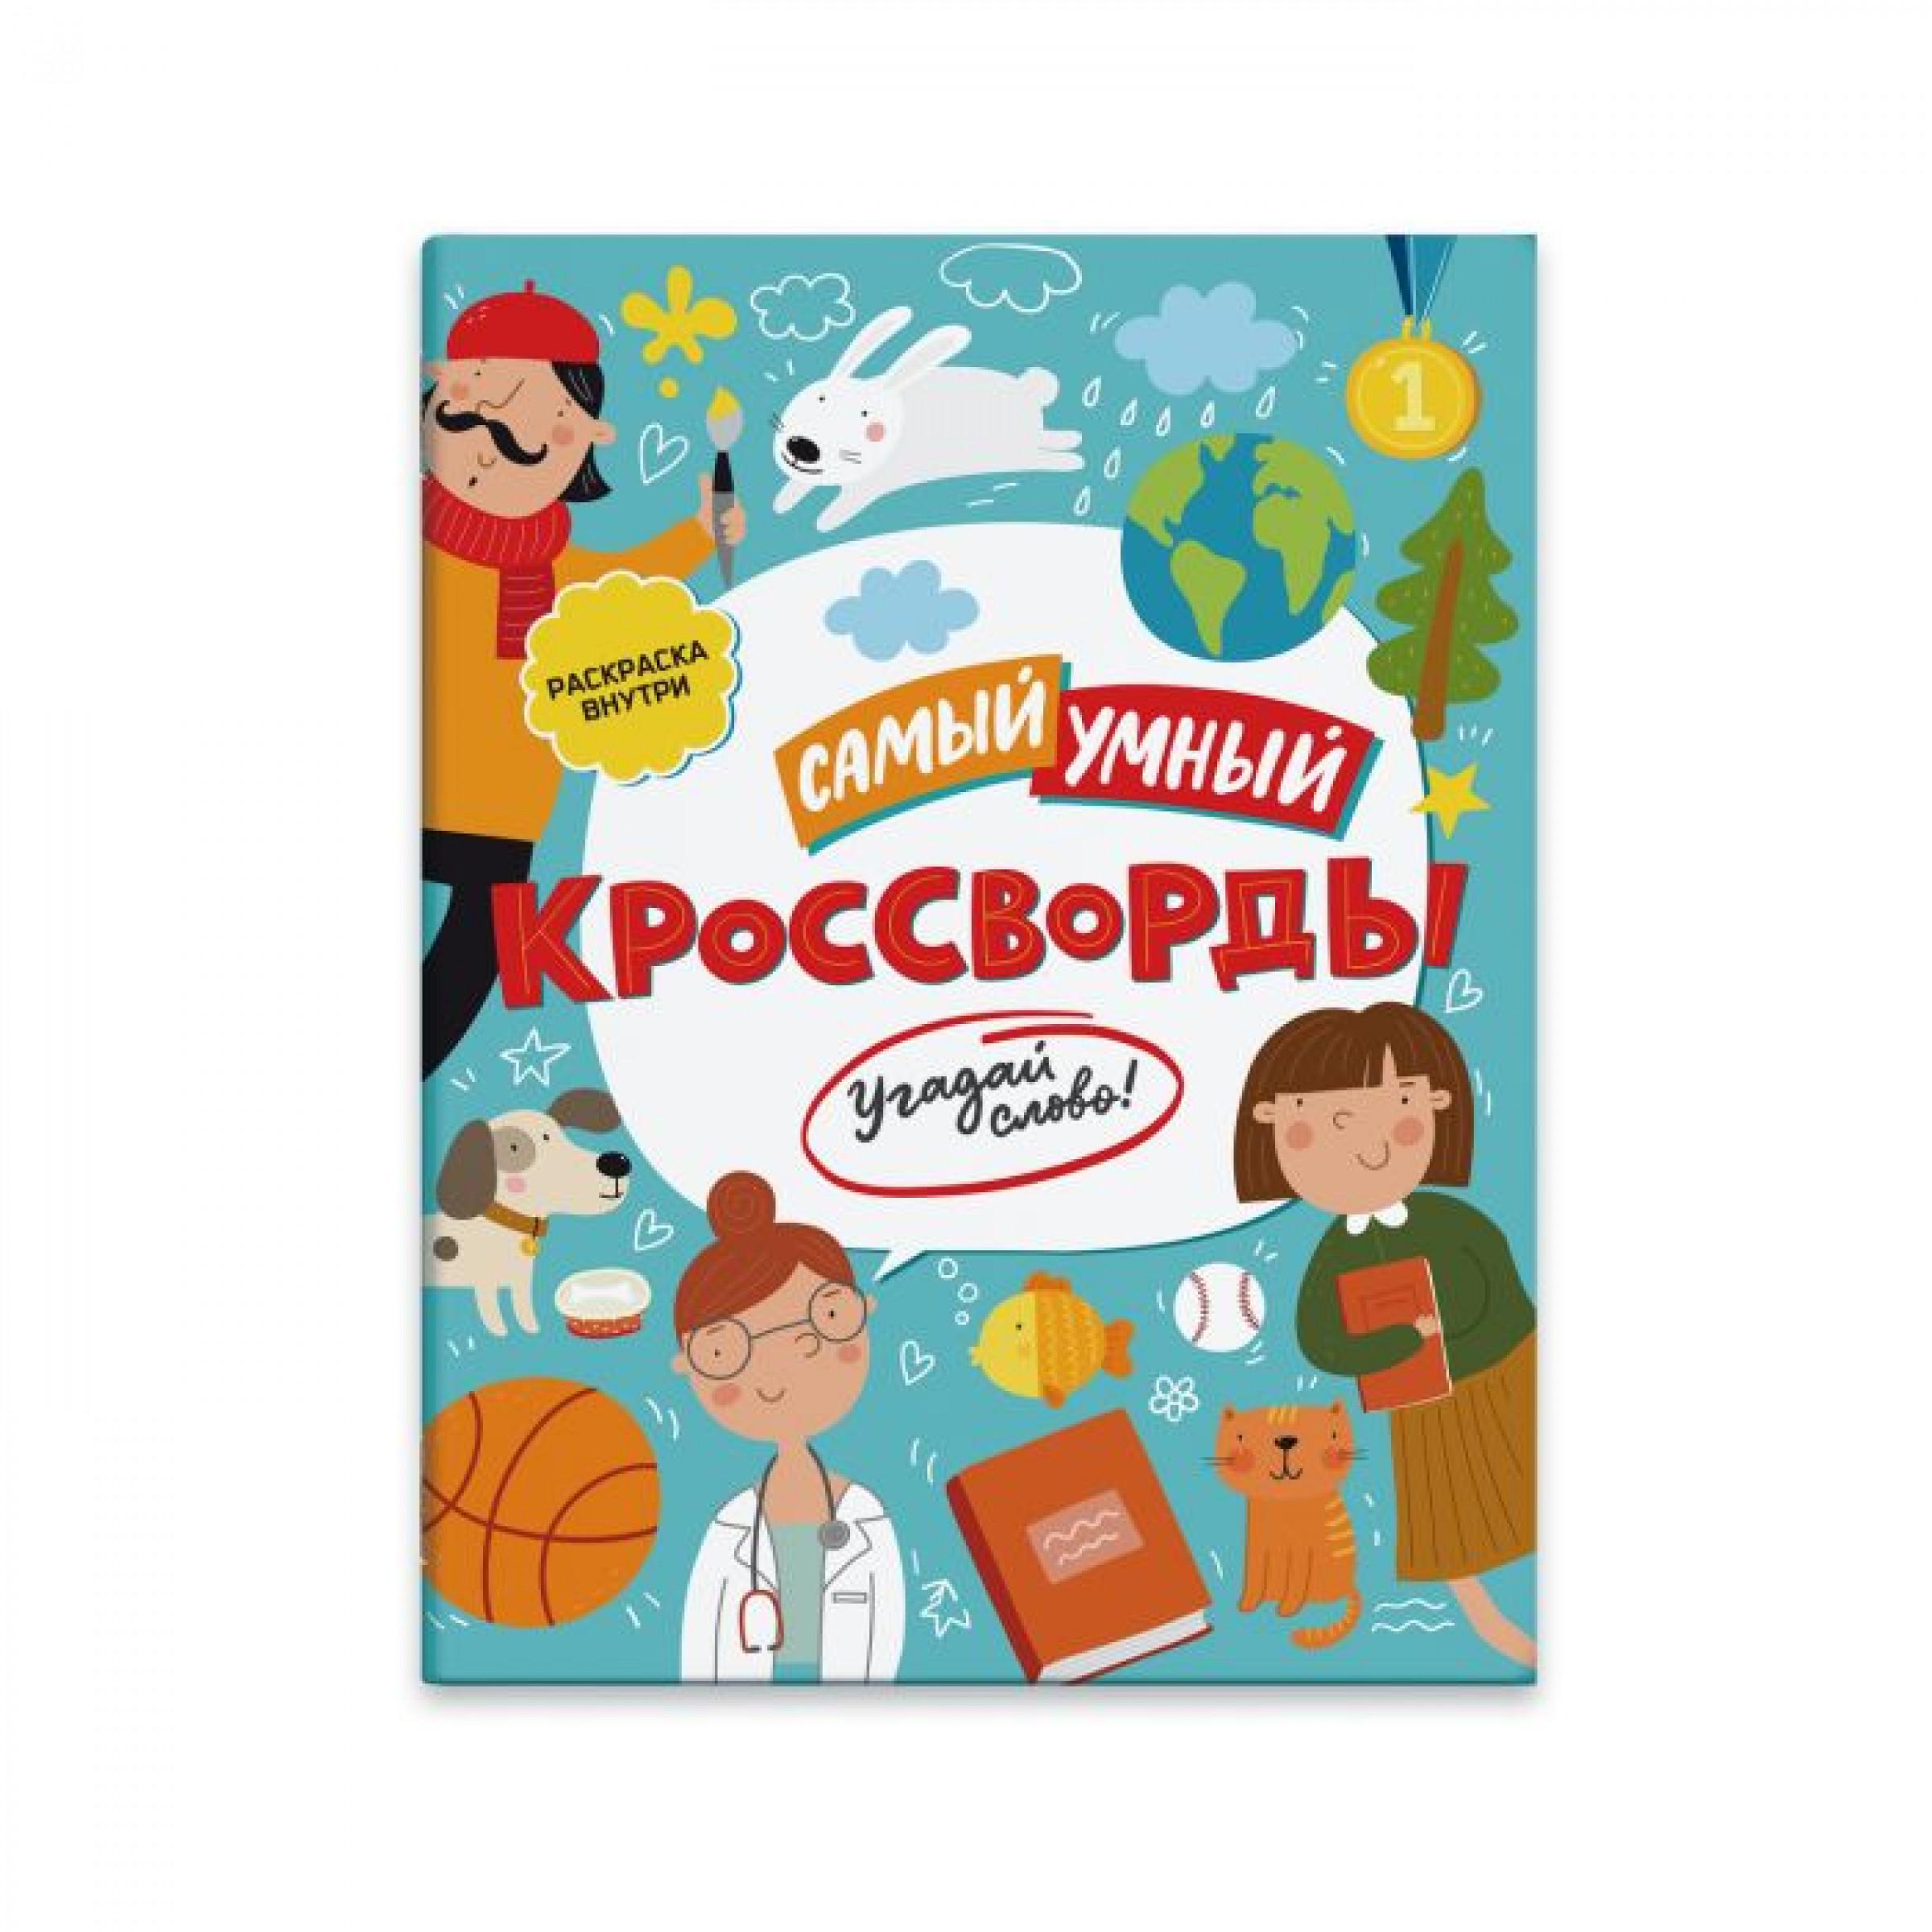 """Книжка-кроссворды """"Самый умный"""" угадай слово, 200х260мм."""